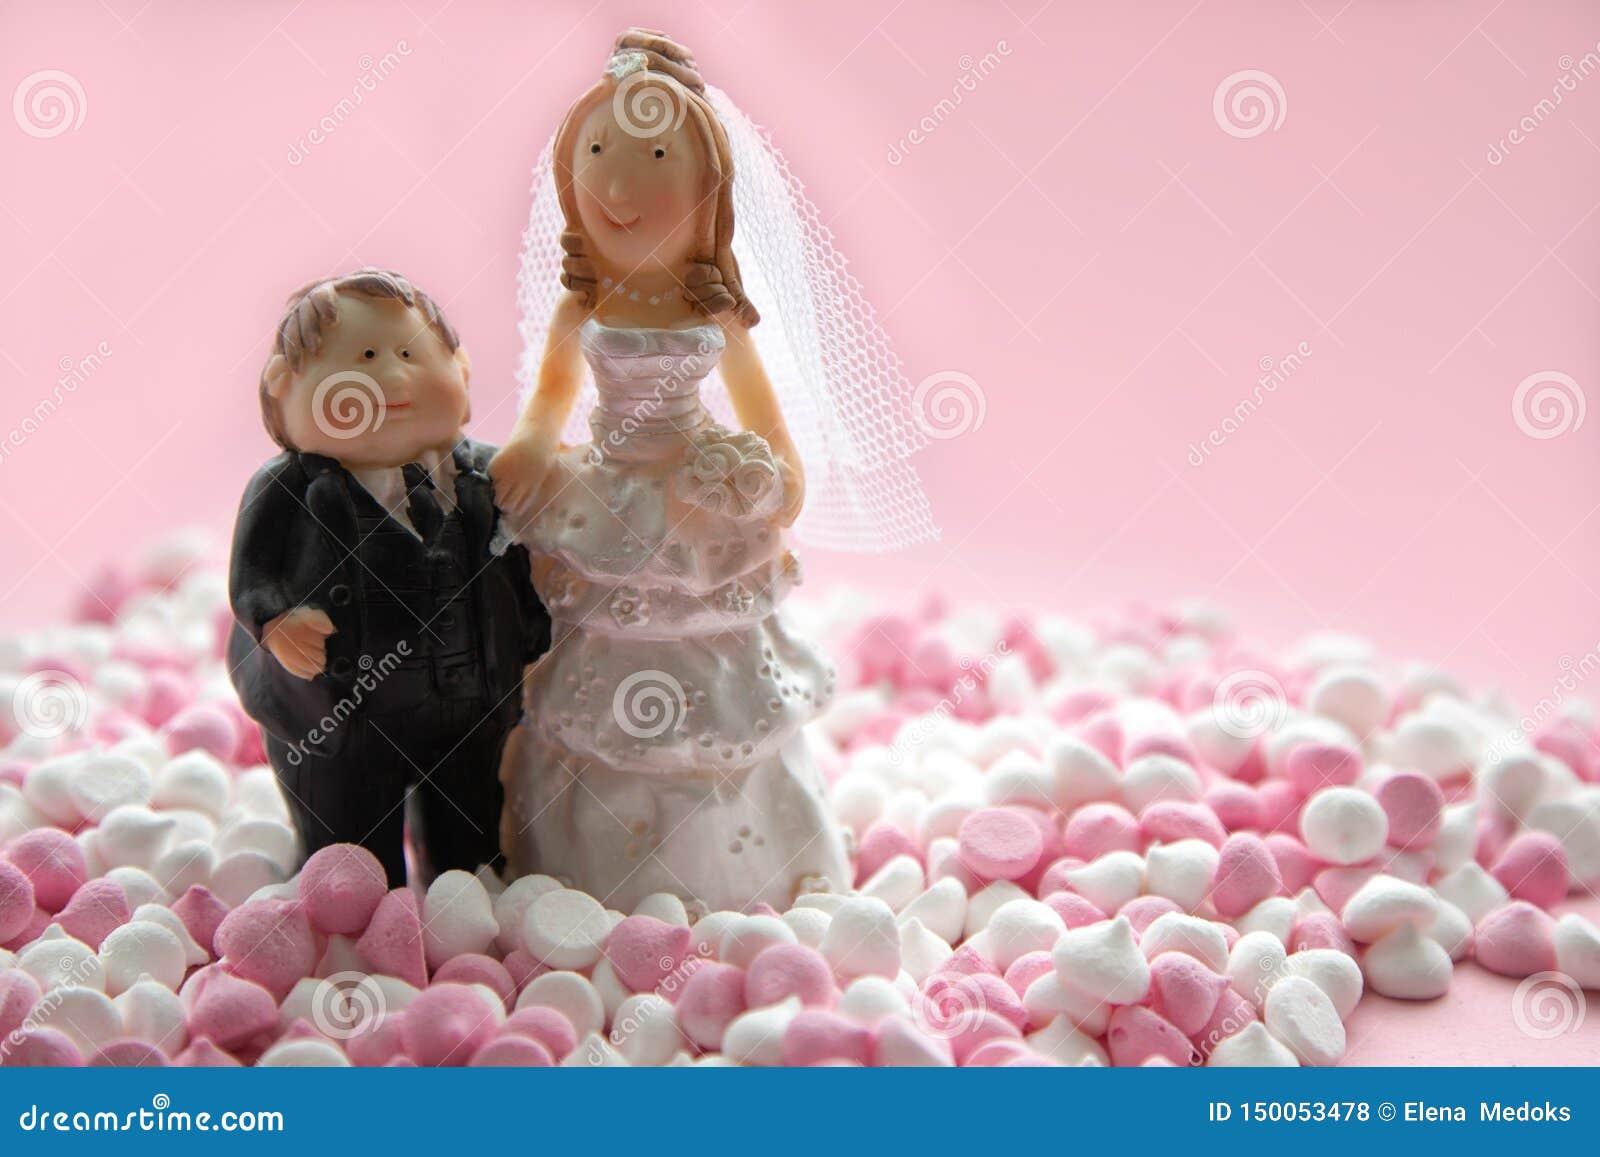 Miniatyrdiagram av maker, brud och brudgum och att stå i kortkort-maräng rosa färger och vit på en rosa bakgrund Bröllopminiatyr